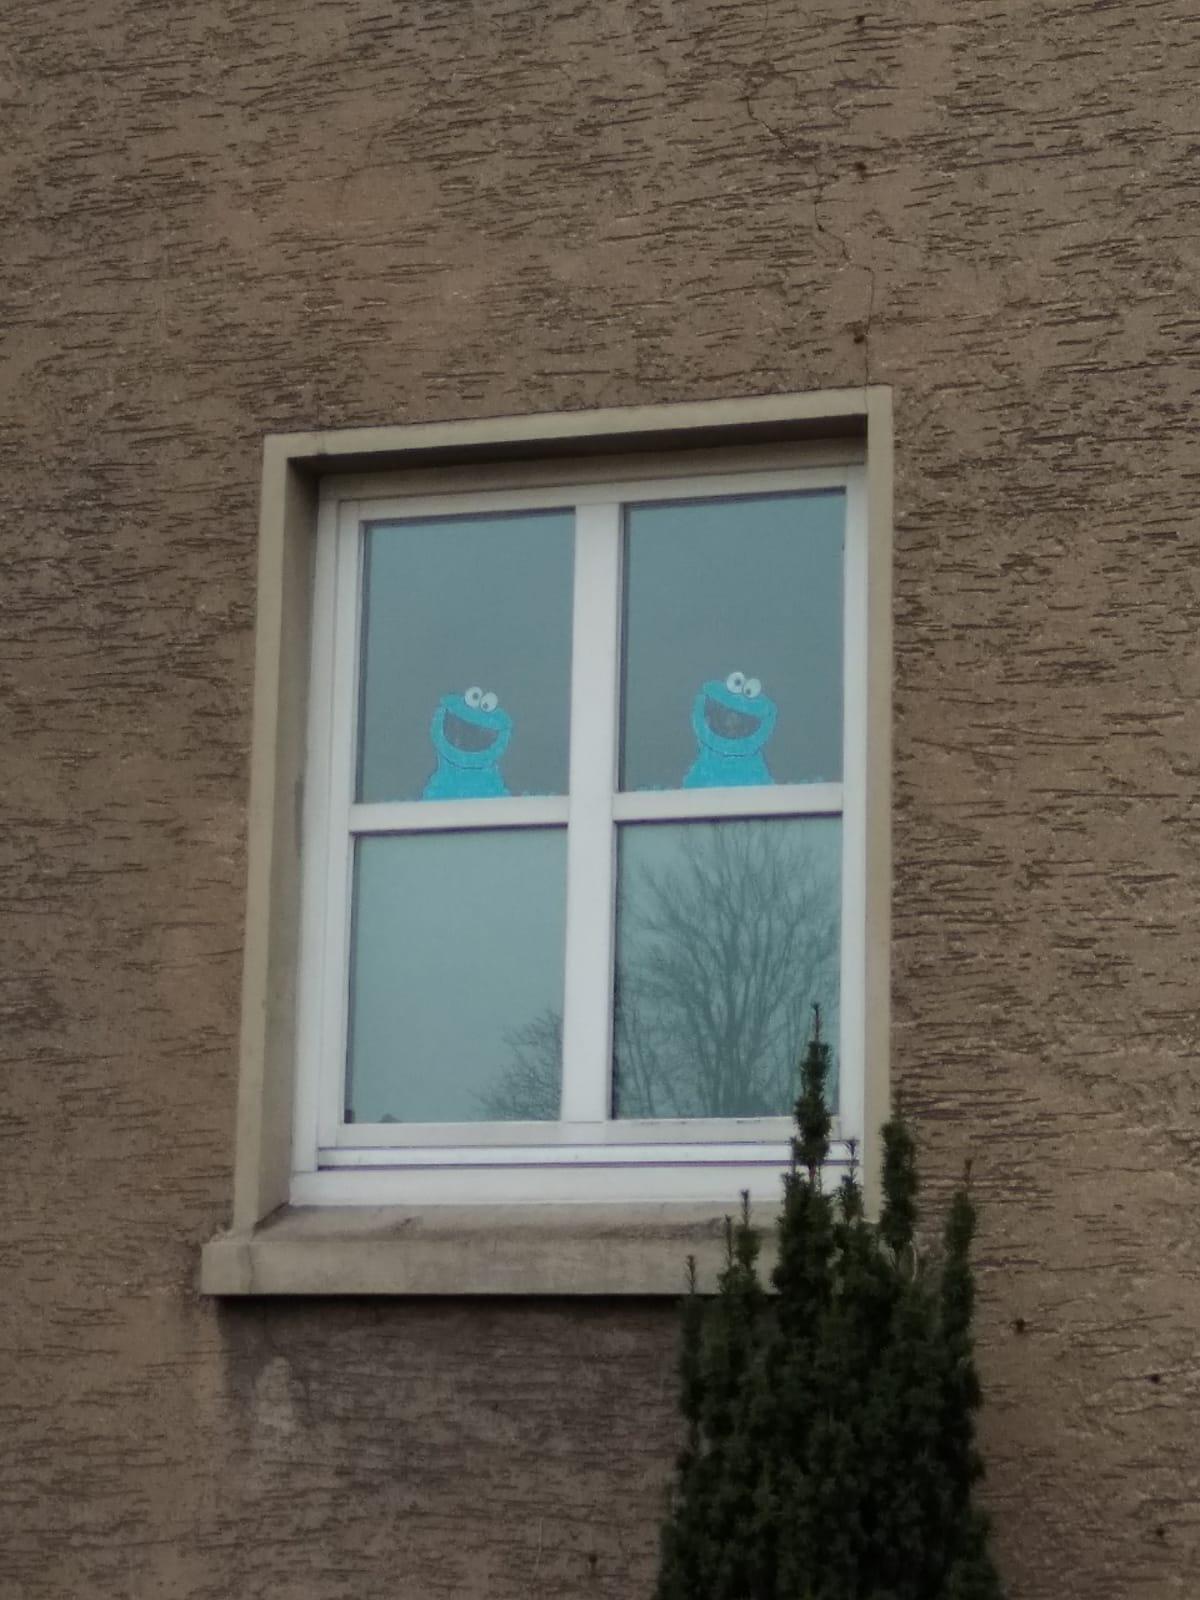 Fenster mit Krümelmonster Bildern Kindertagesstätte (Kita) die Krümelmonster aus Neustadt am Rübenberge